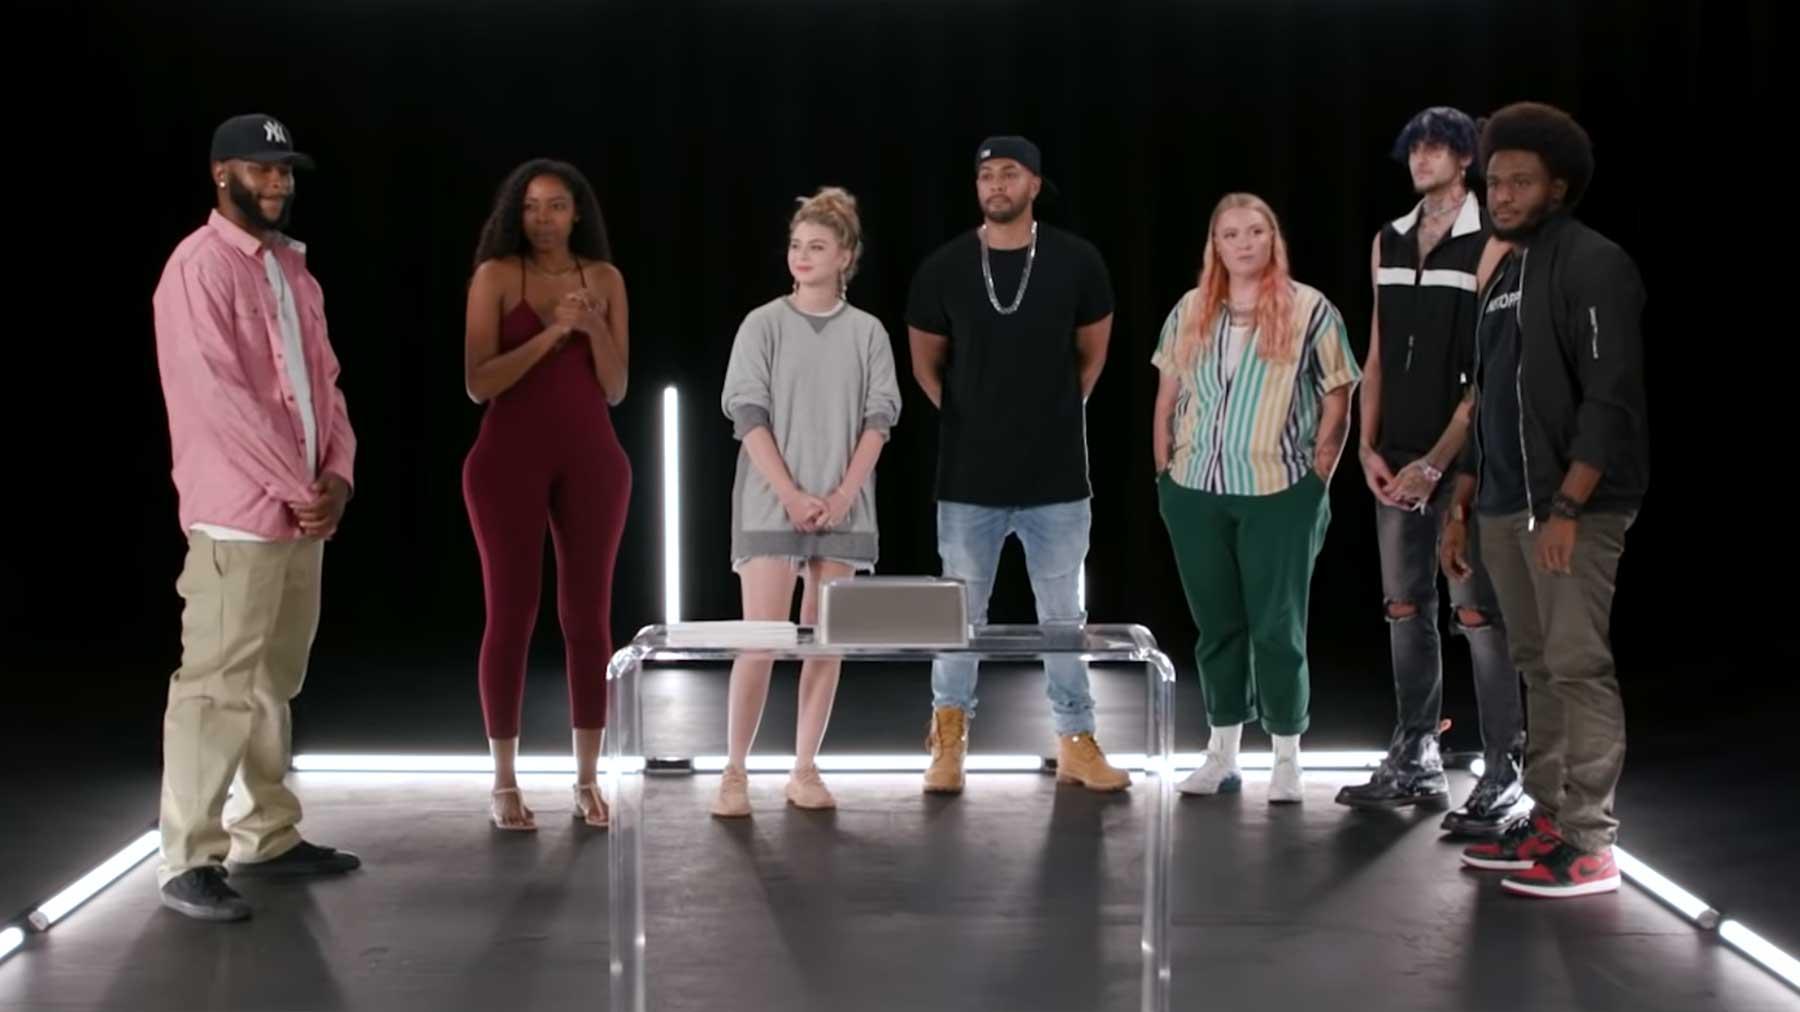 Welcher dieser 7 angeblichen Rapper ist gar keiner?